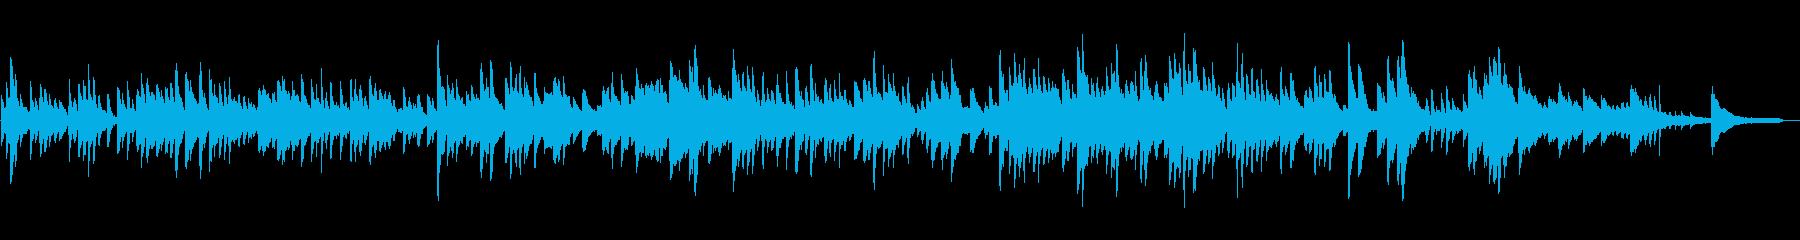 優しい雰囲気のヒーリング系ピアノソロの再生済みの波形